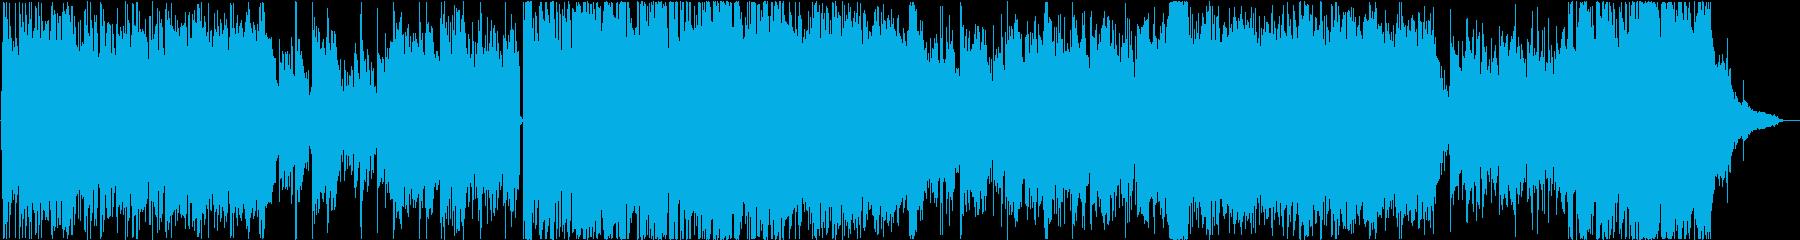 哀愁ただよう男性ボーカルのバラードの再生済みの波形